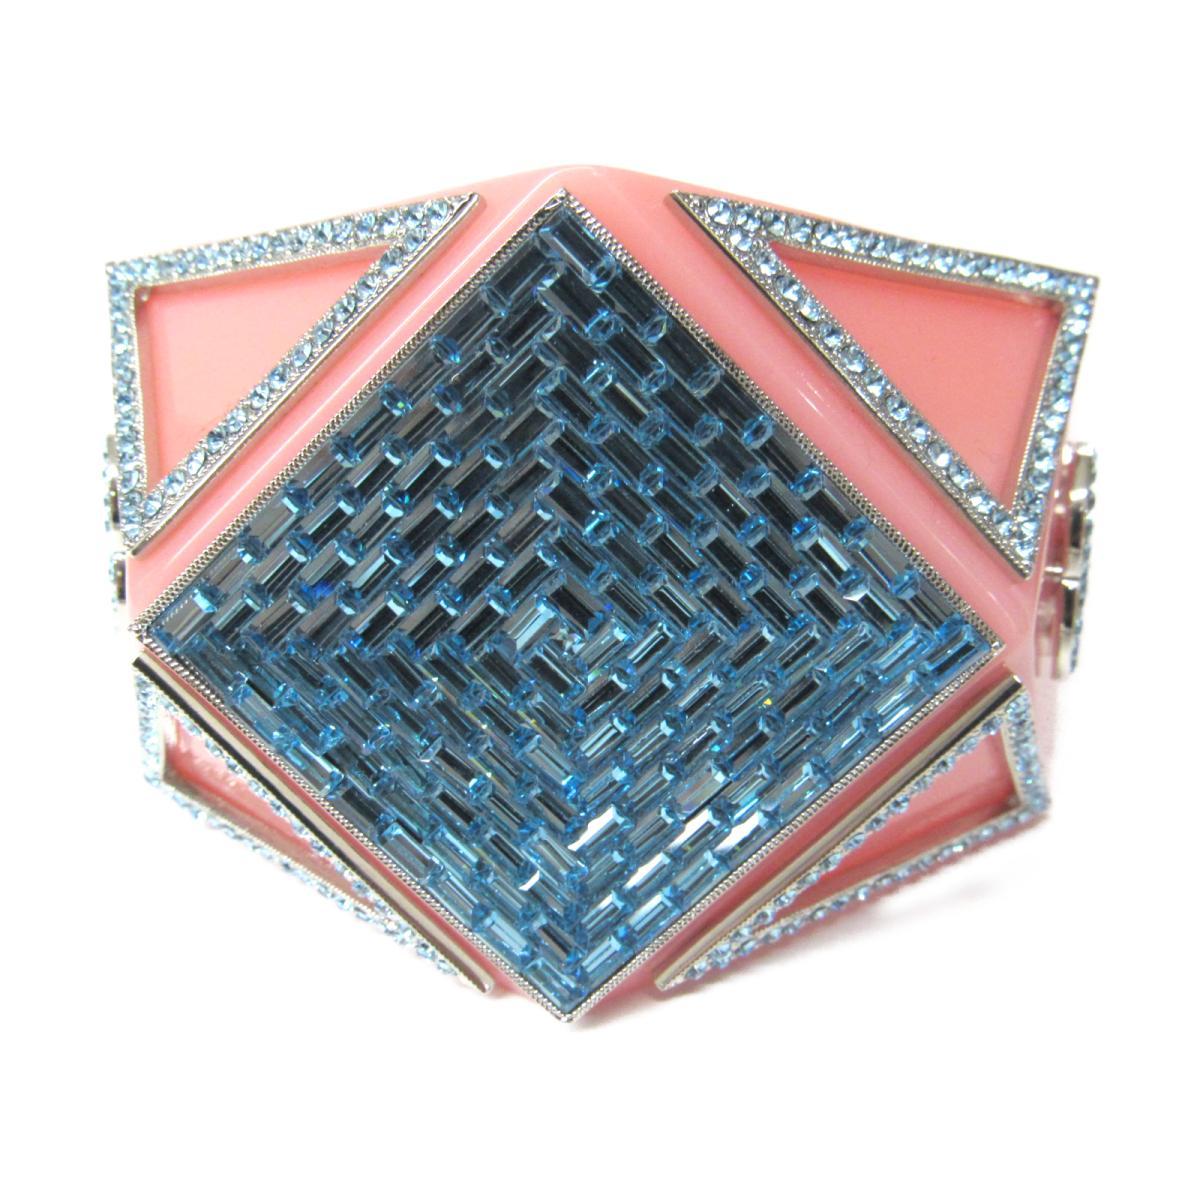 シャネル バングル 14K アクセサリー レディース プラスチック x ラインストーン ピンク ブルー 【中古】 | CHANEL BRANDOFF ブランドオフ ブランド ブレスレット 腕輪